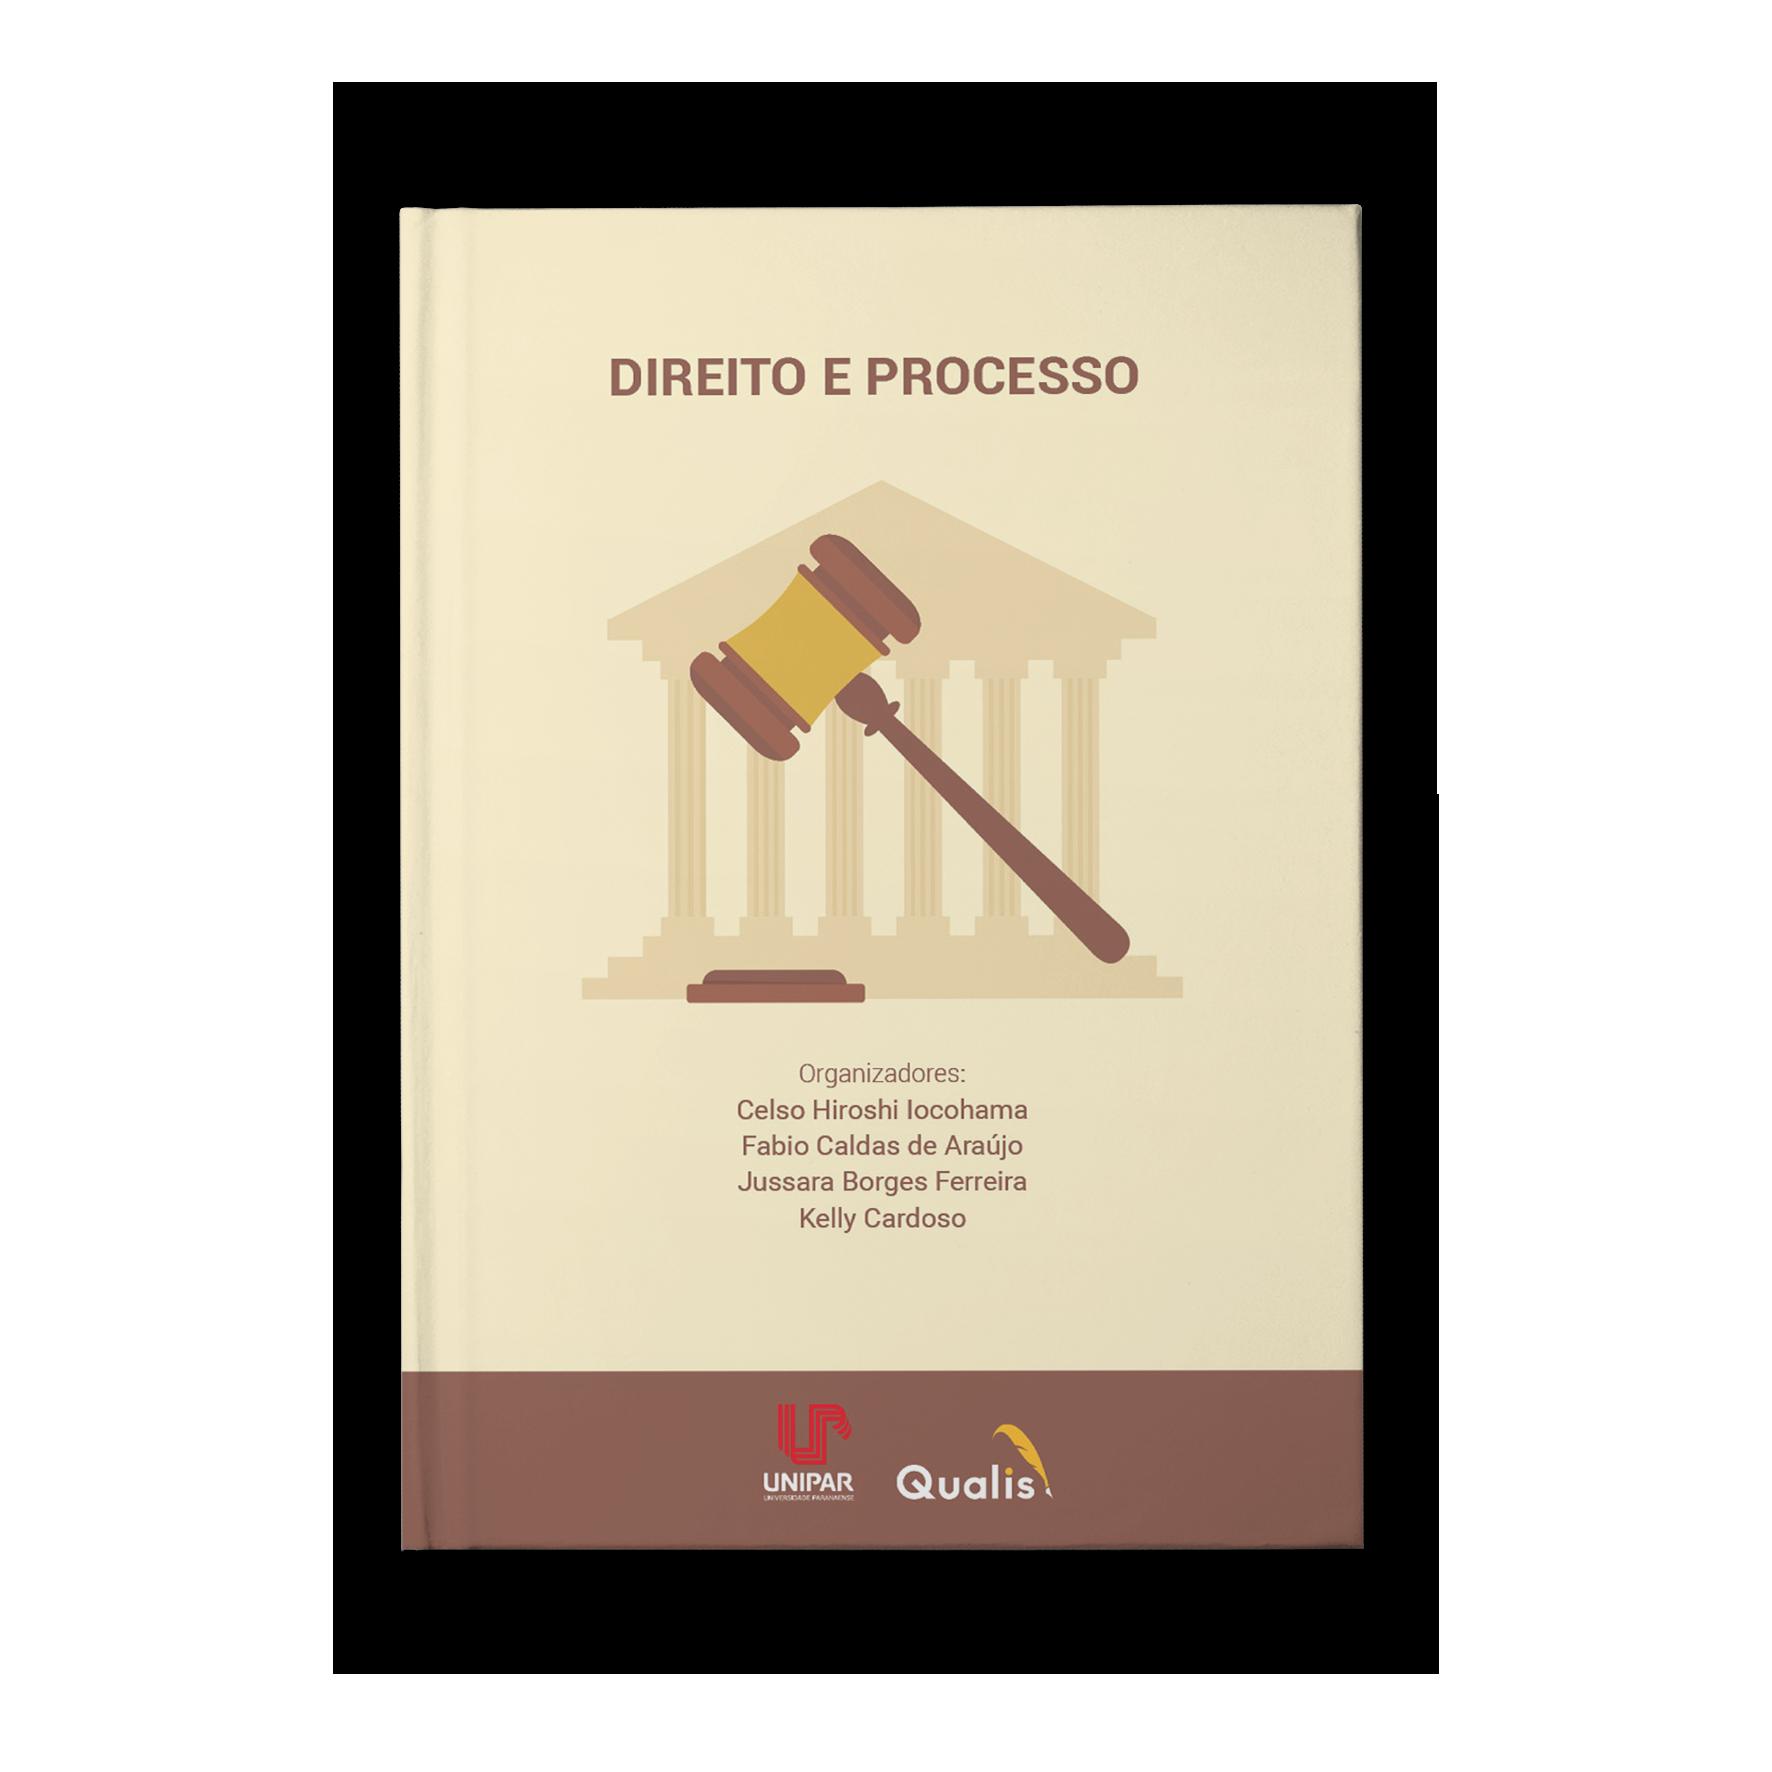 Direito e Processo – Celso Hiroshi Iocohama e Fabio Caldas de Araújo